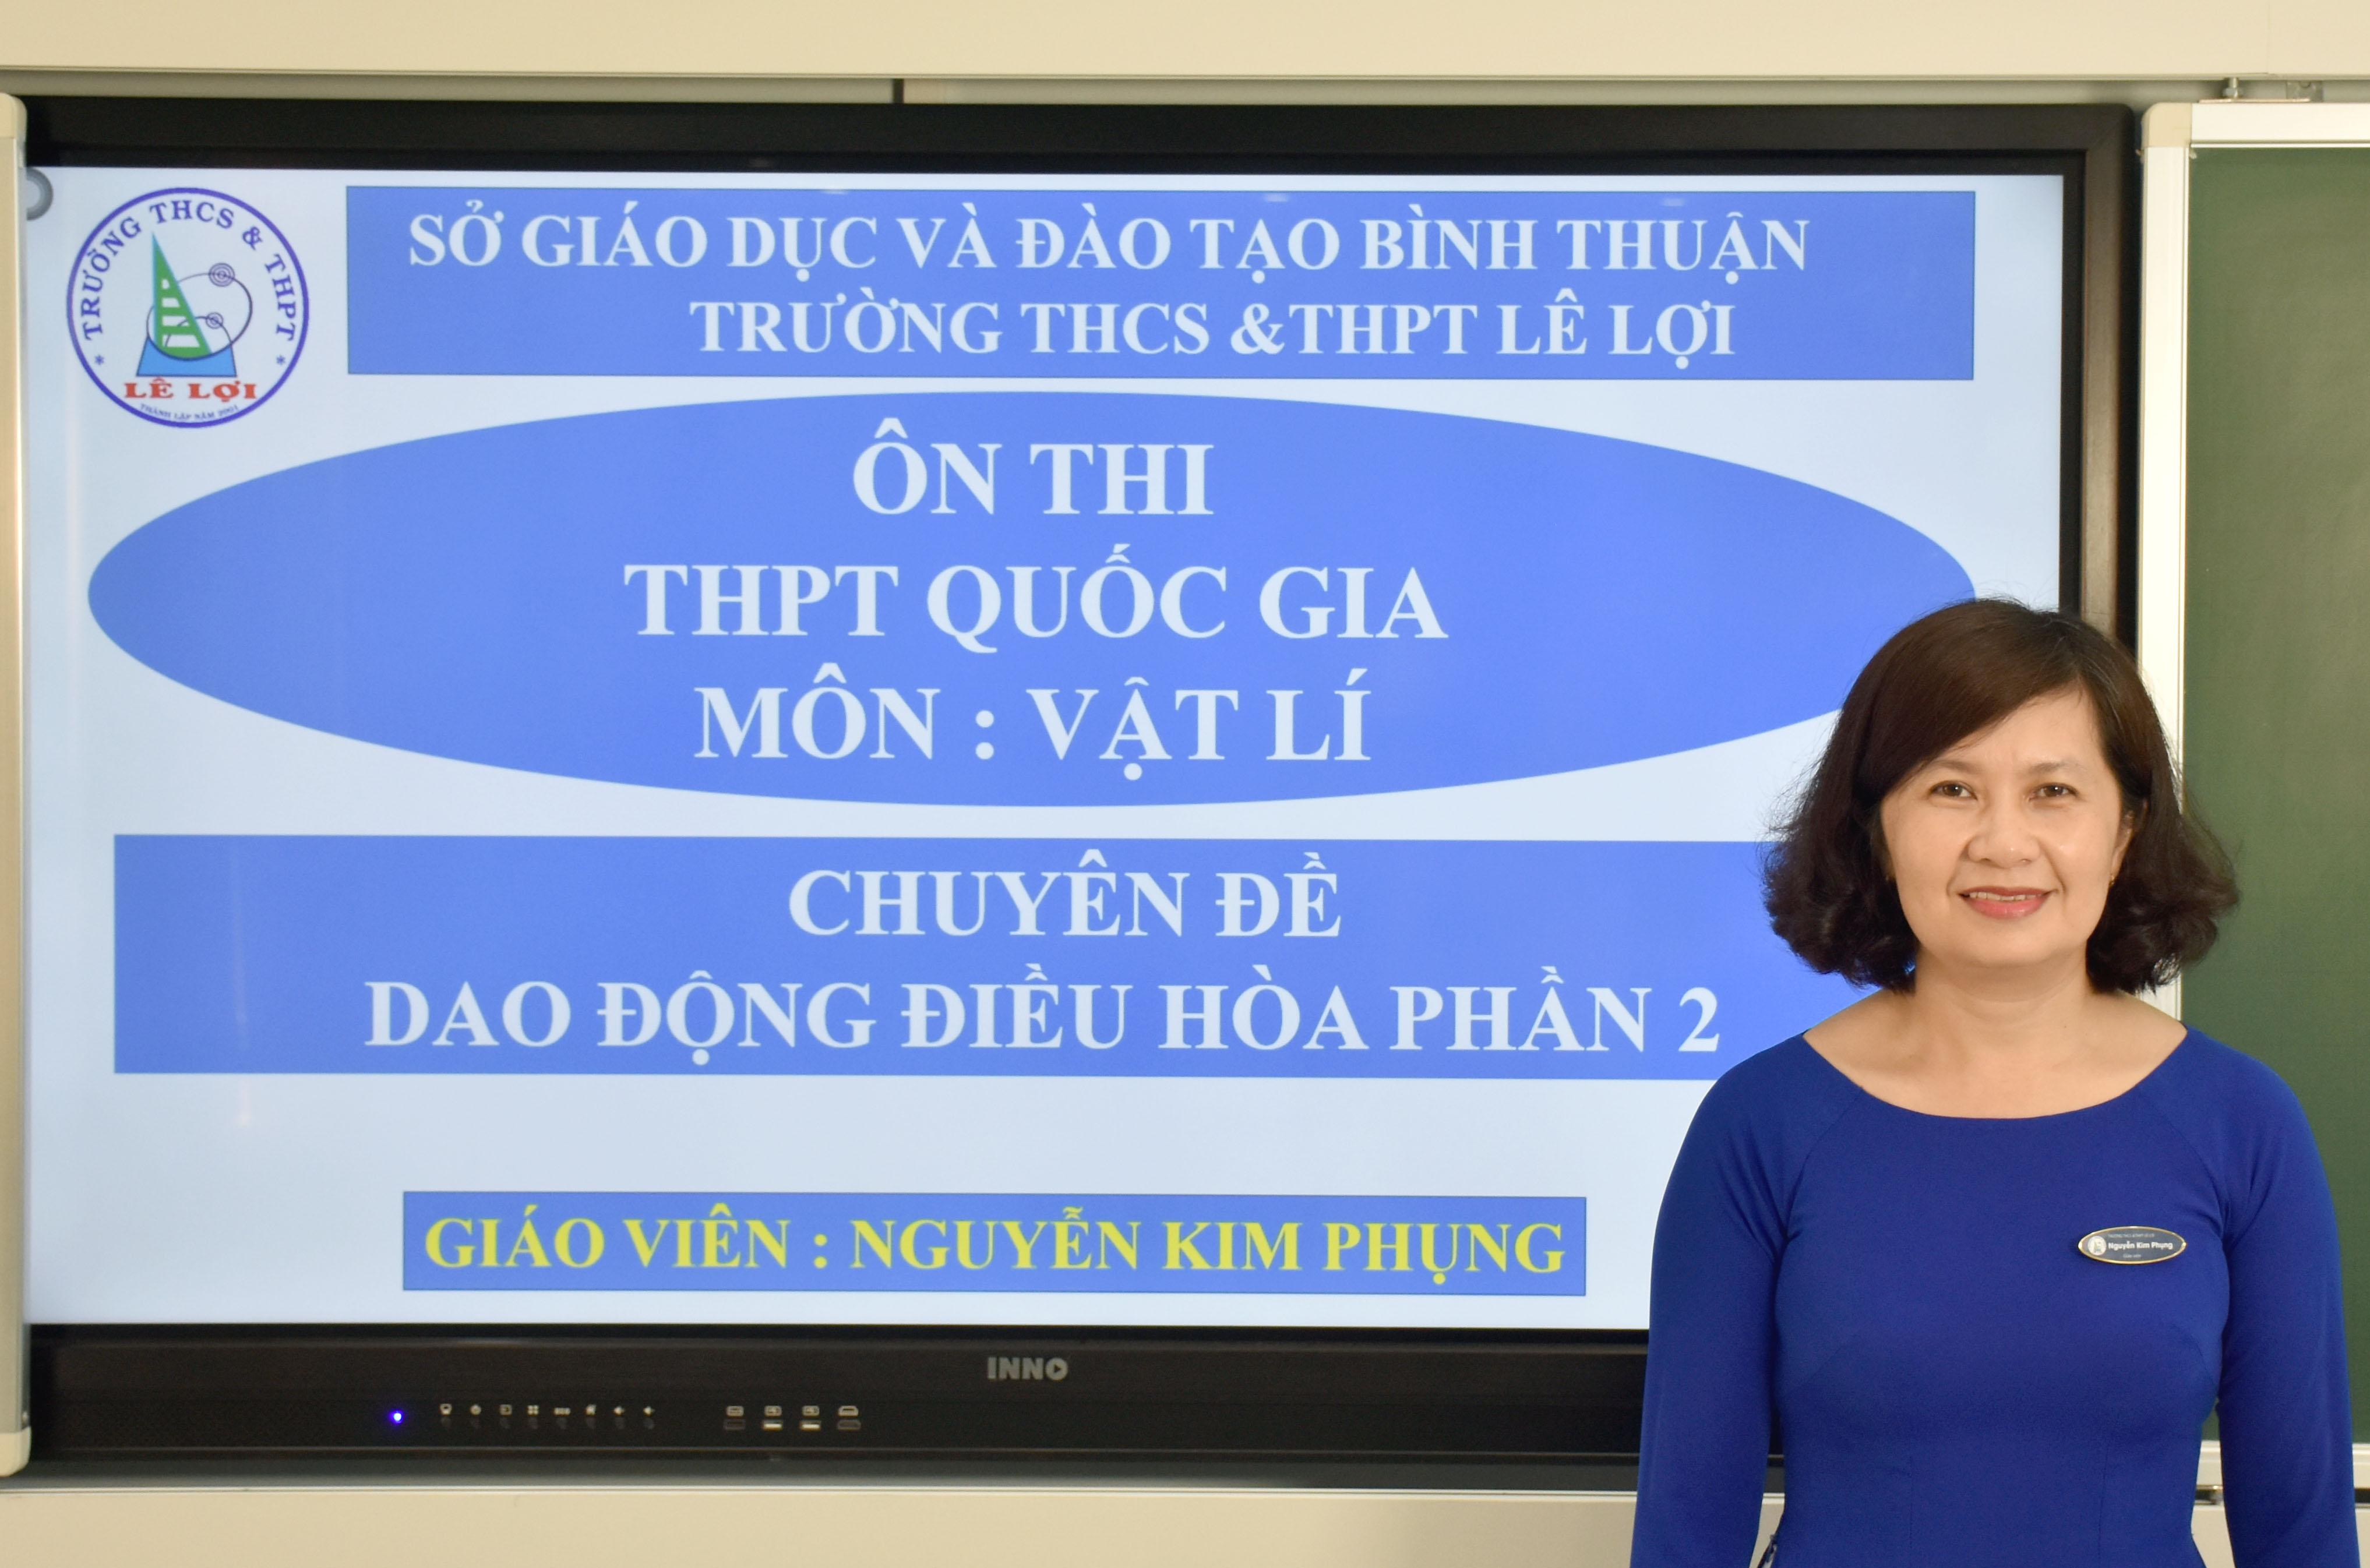 Khối lớp 12 - Dao động điều hòa (Phần 2) - Cô Nguyễn Kim Phụng